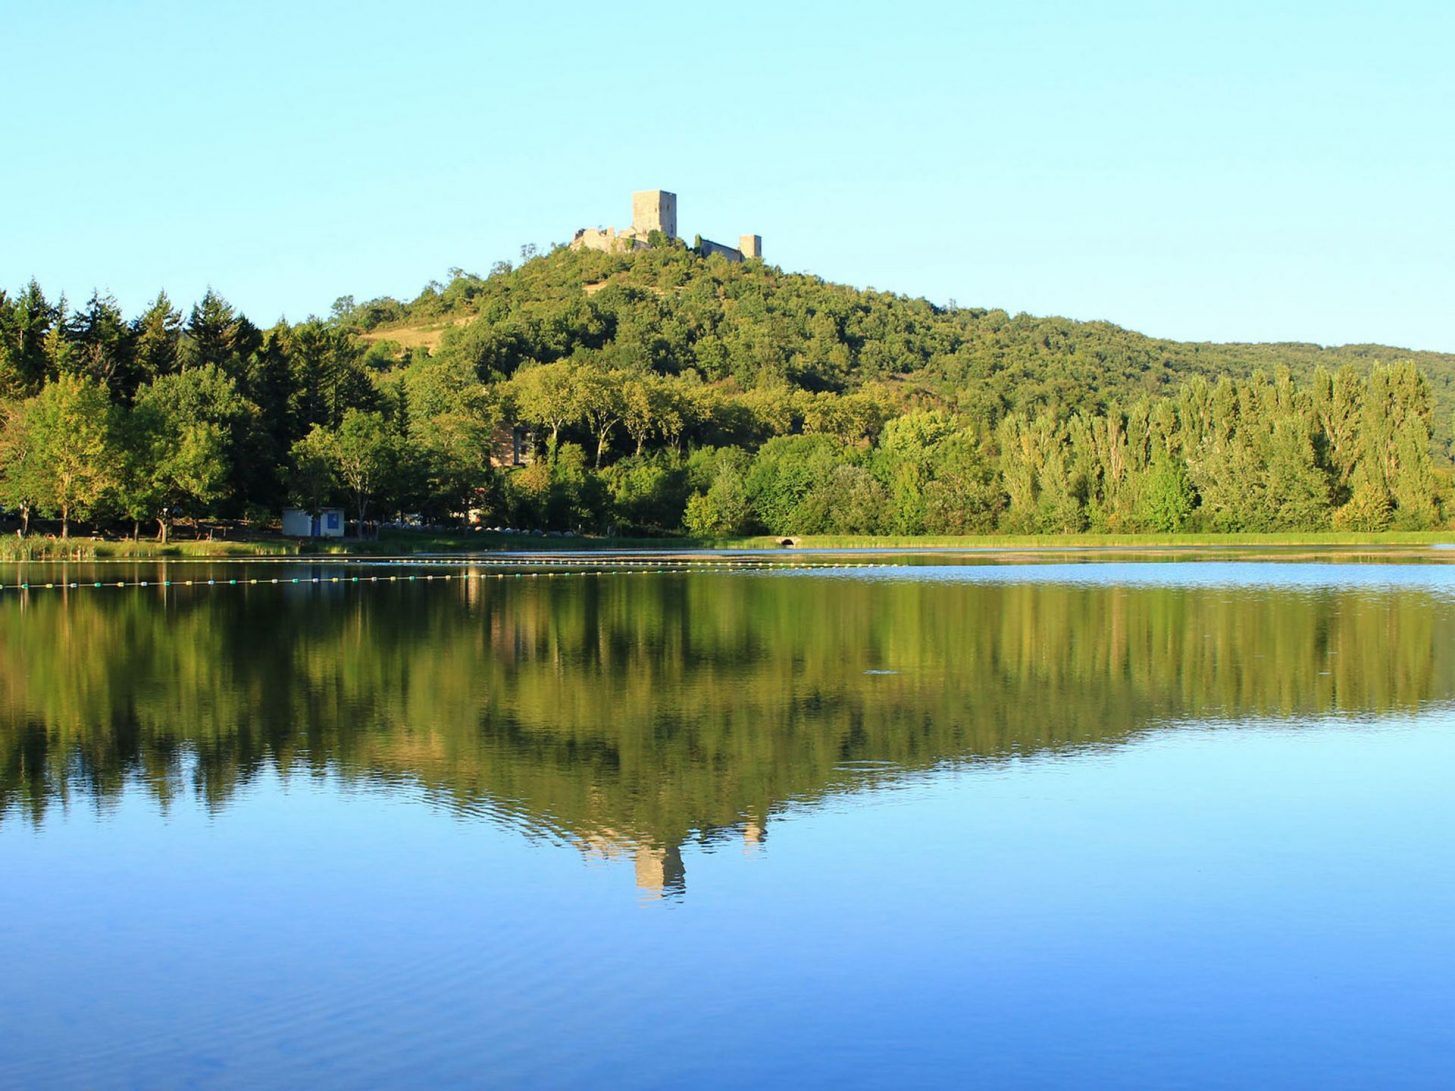 Le château de Puivert surplombe le lac©Sylvain Dossin, Office de Tourisme Pyrénées audoises